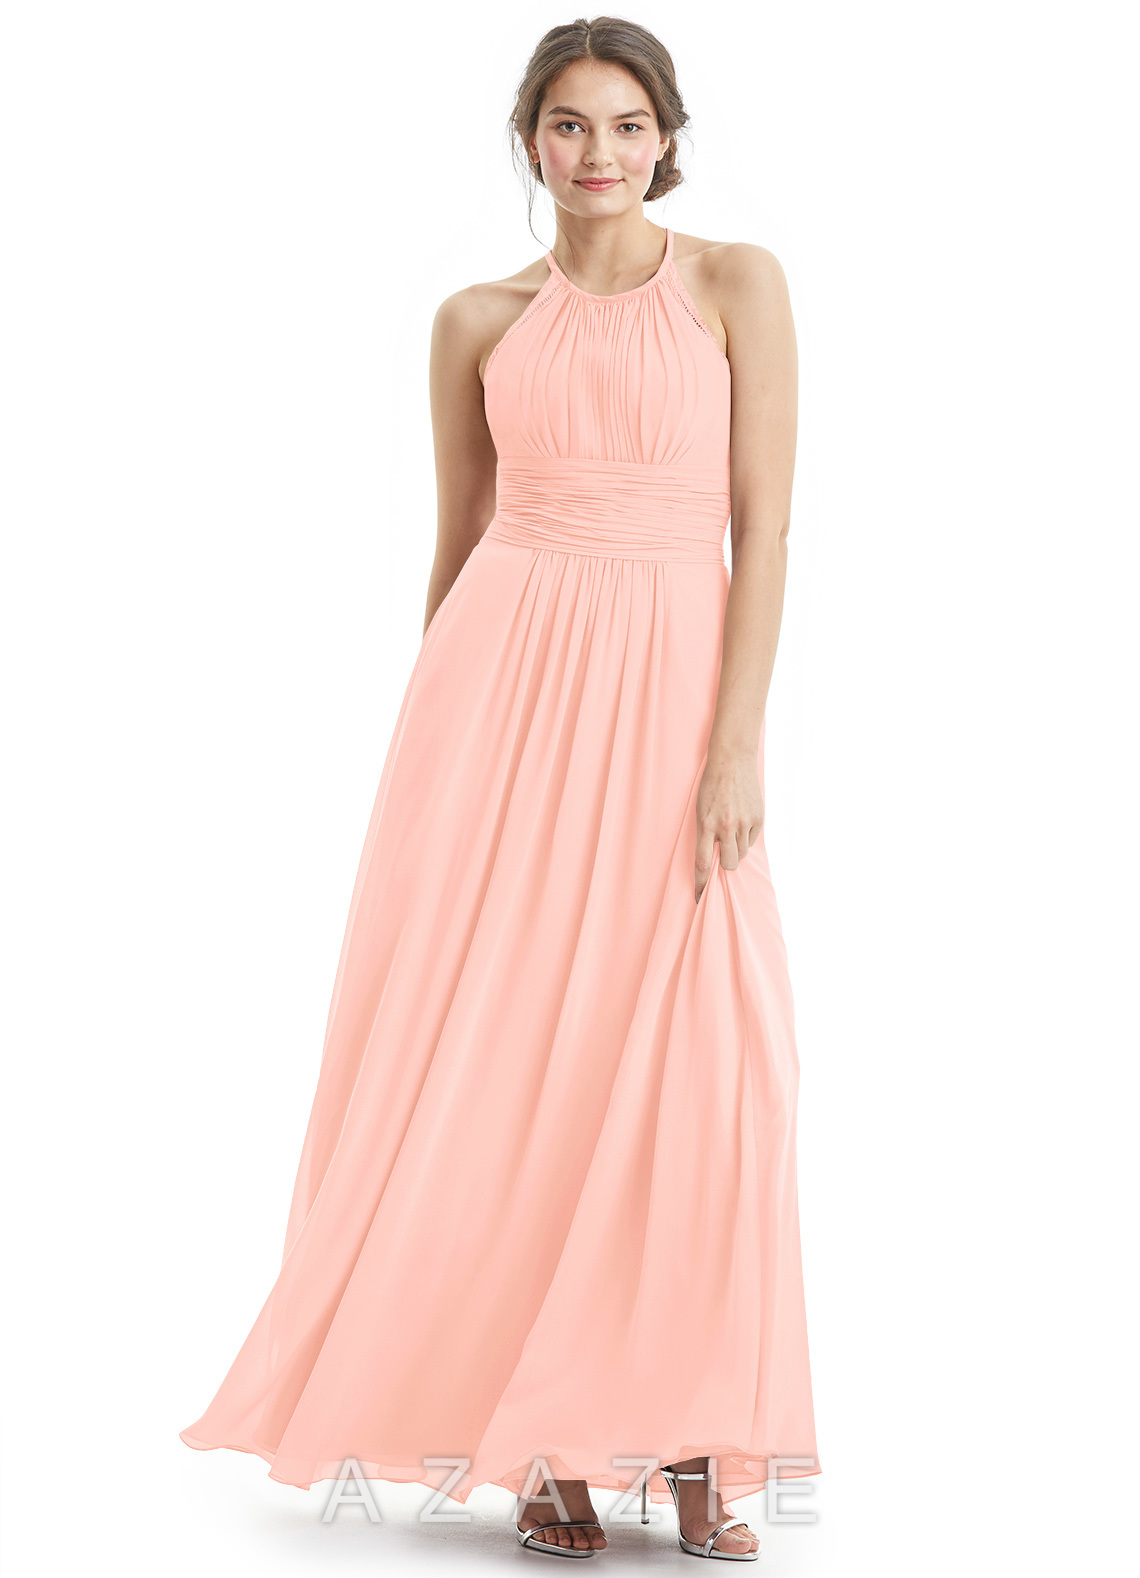 Azazie Regina Bridesmaid Dress | Azazie - photo #9